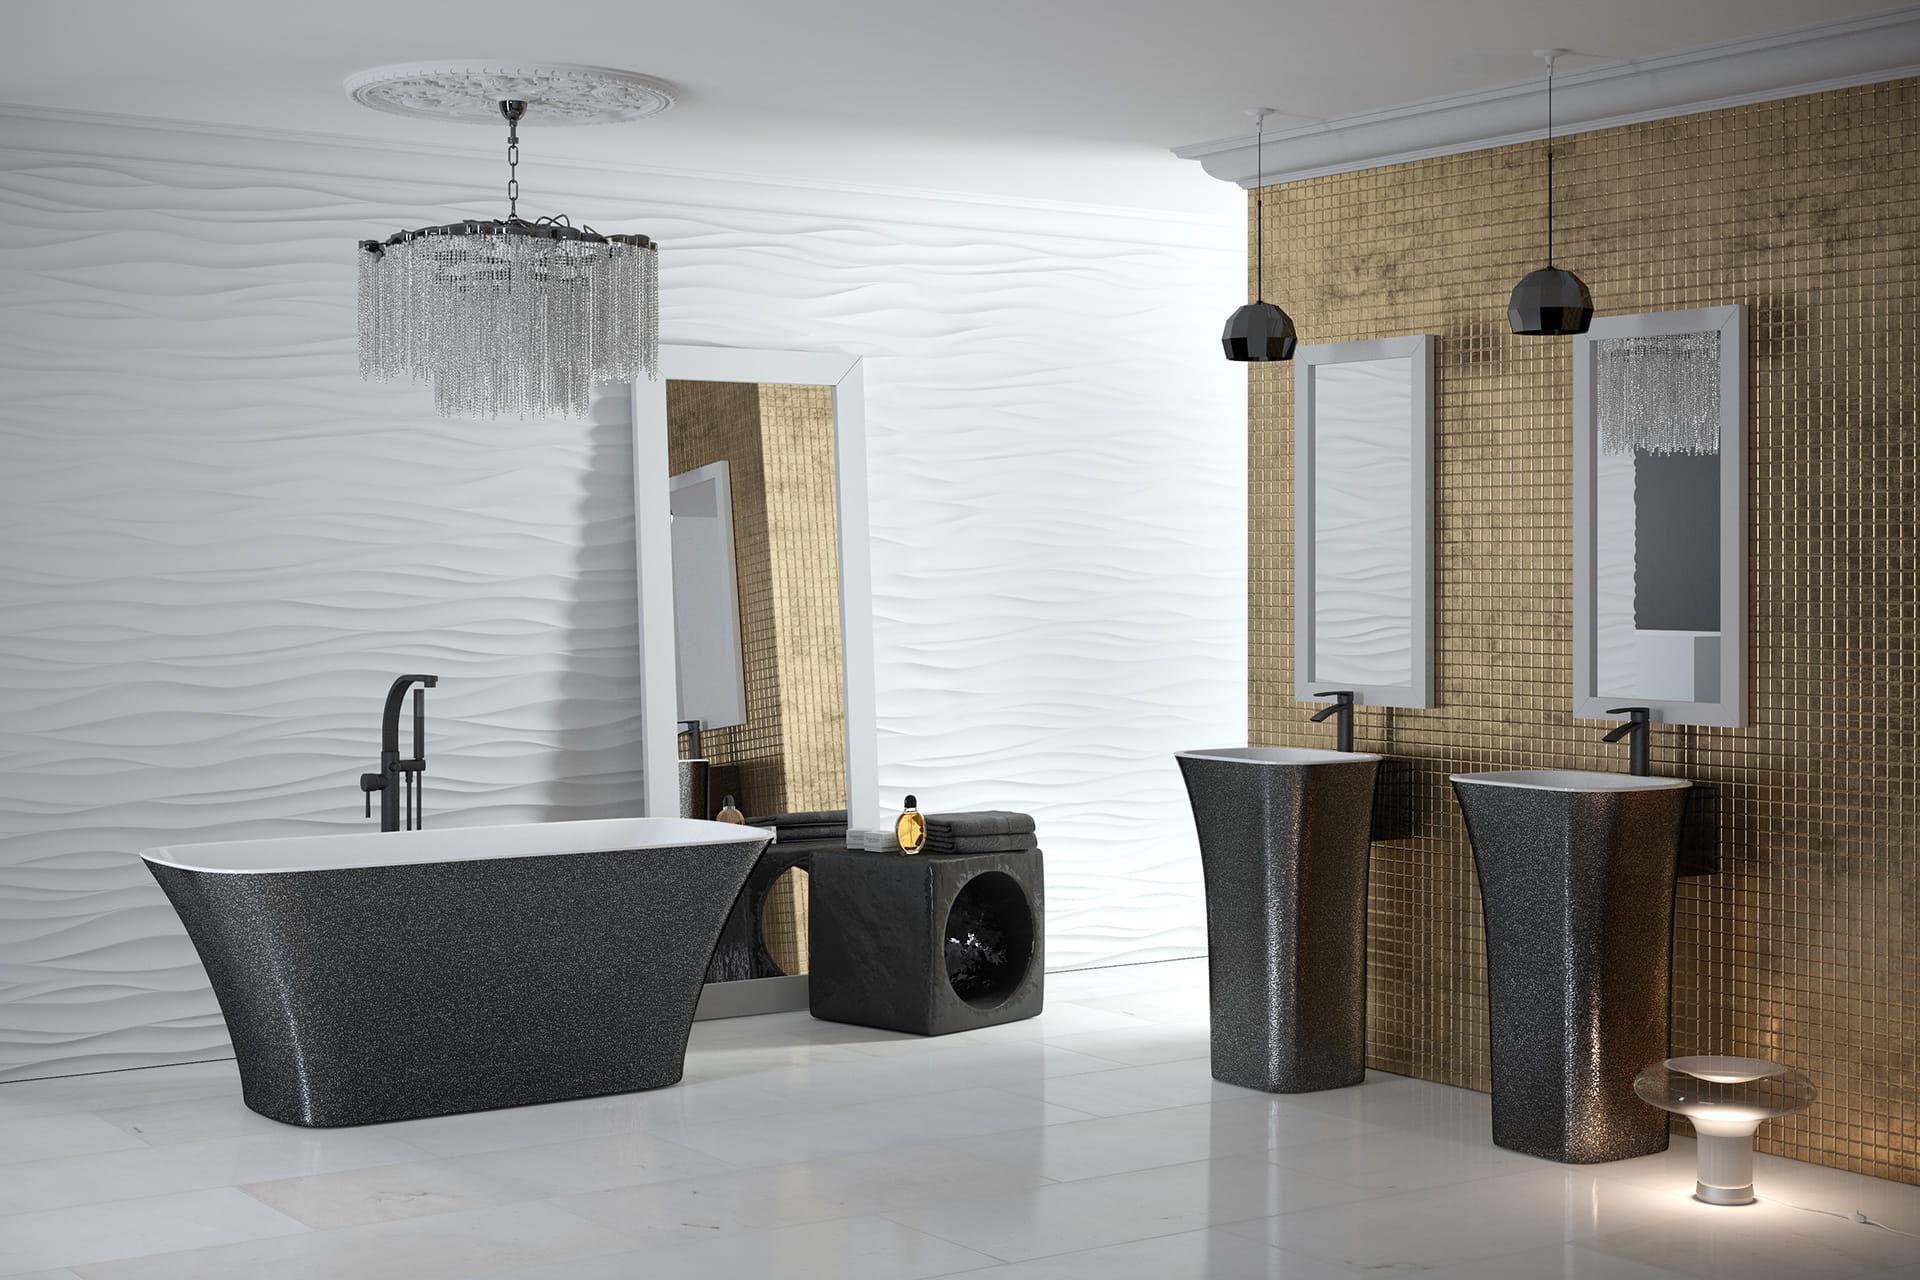 Besco umywalka wolnostojąca Assos Glam Grafit 40x50x85 cm biało-grafitowa